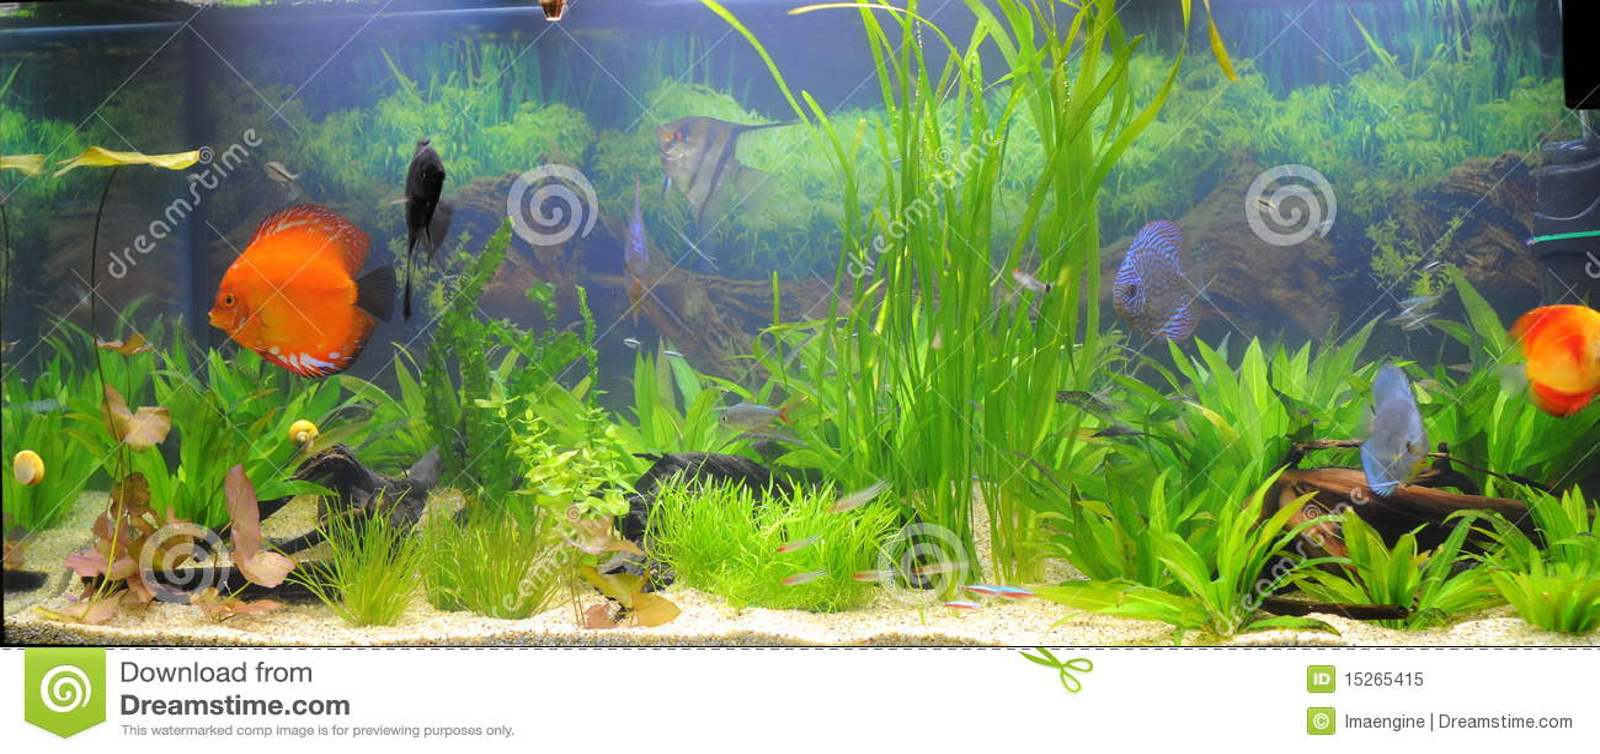 Pesci acquario tropicali fotografia stock libera da for Oggetti per acquario